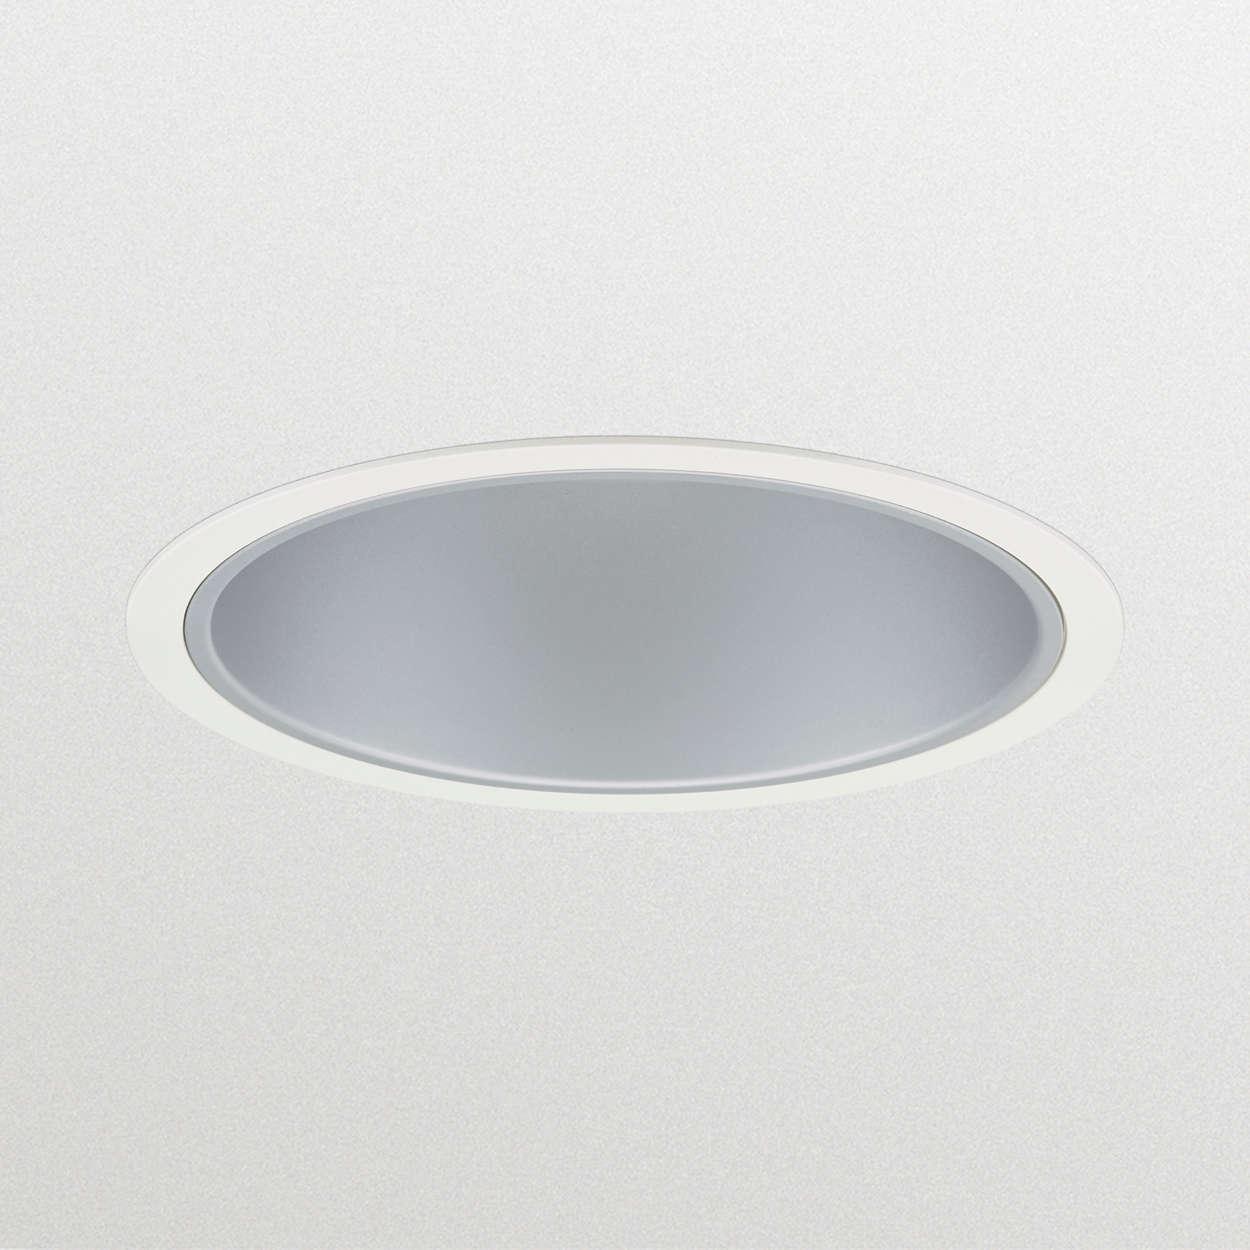 LuxSpace, gömme – yüksek verimlilik, görsel konfor ve şık tasarım